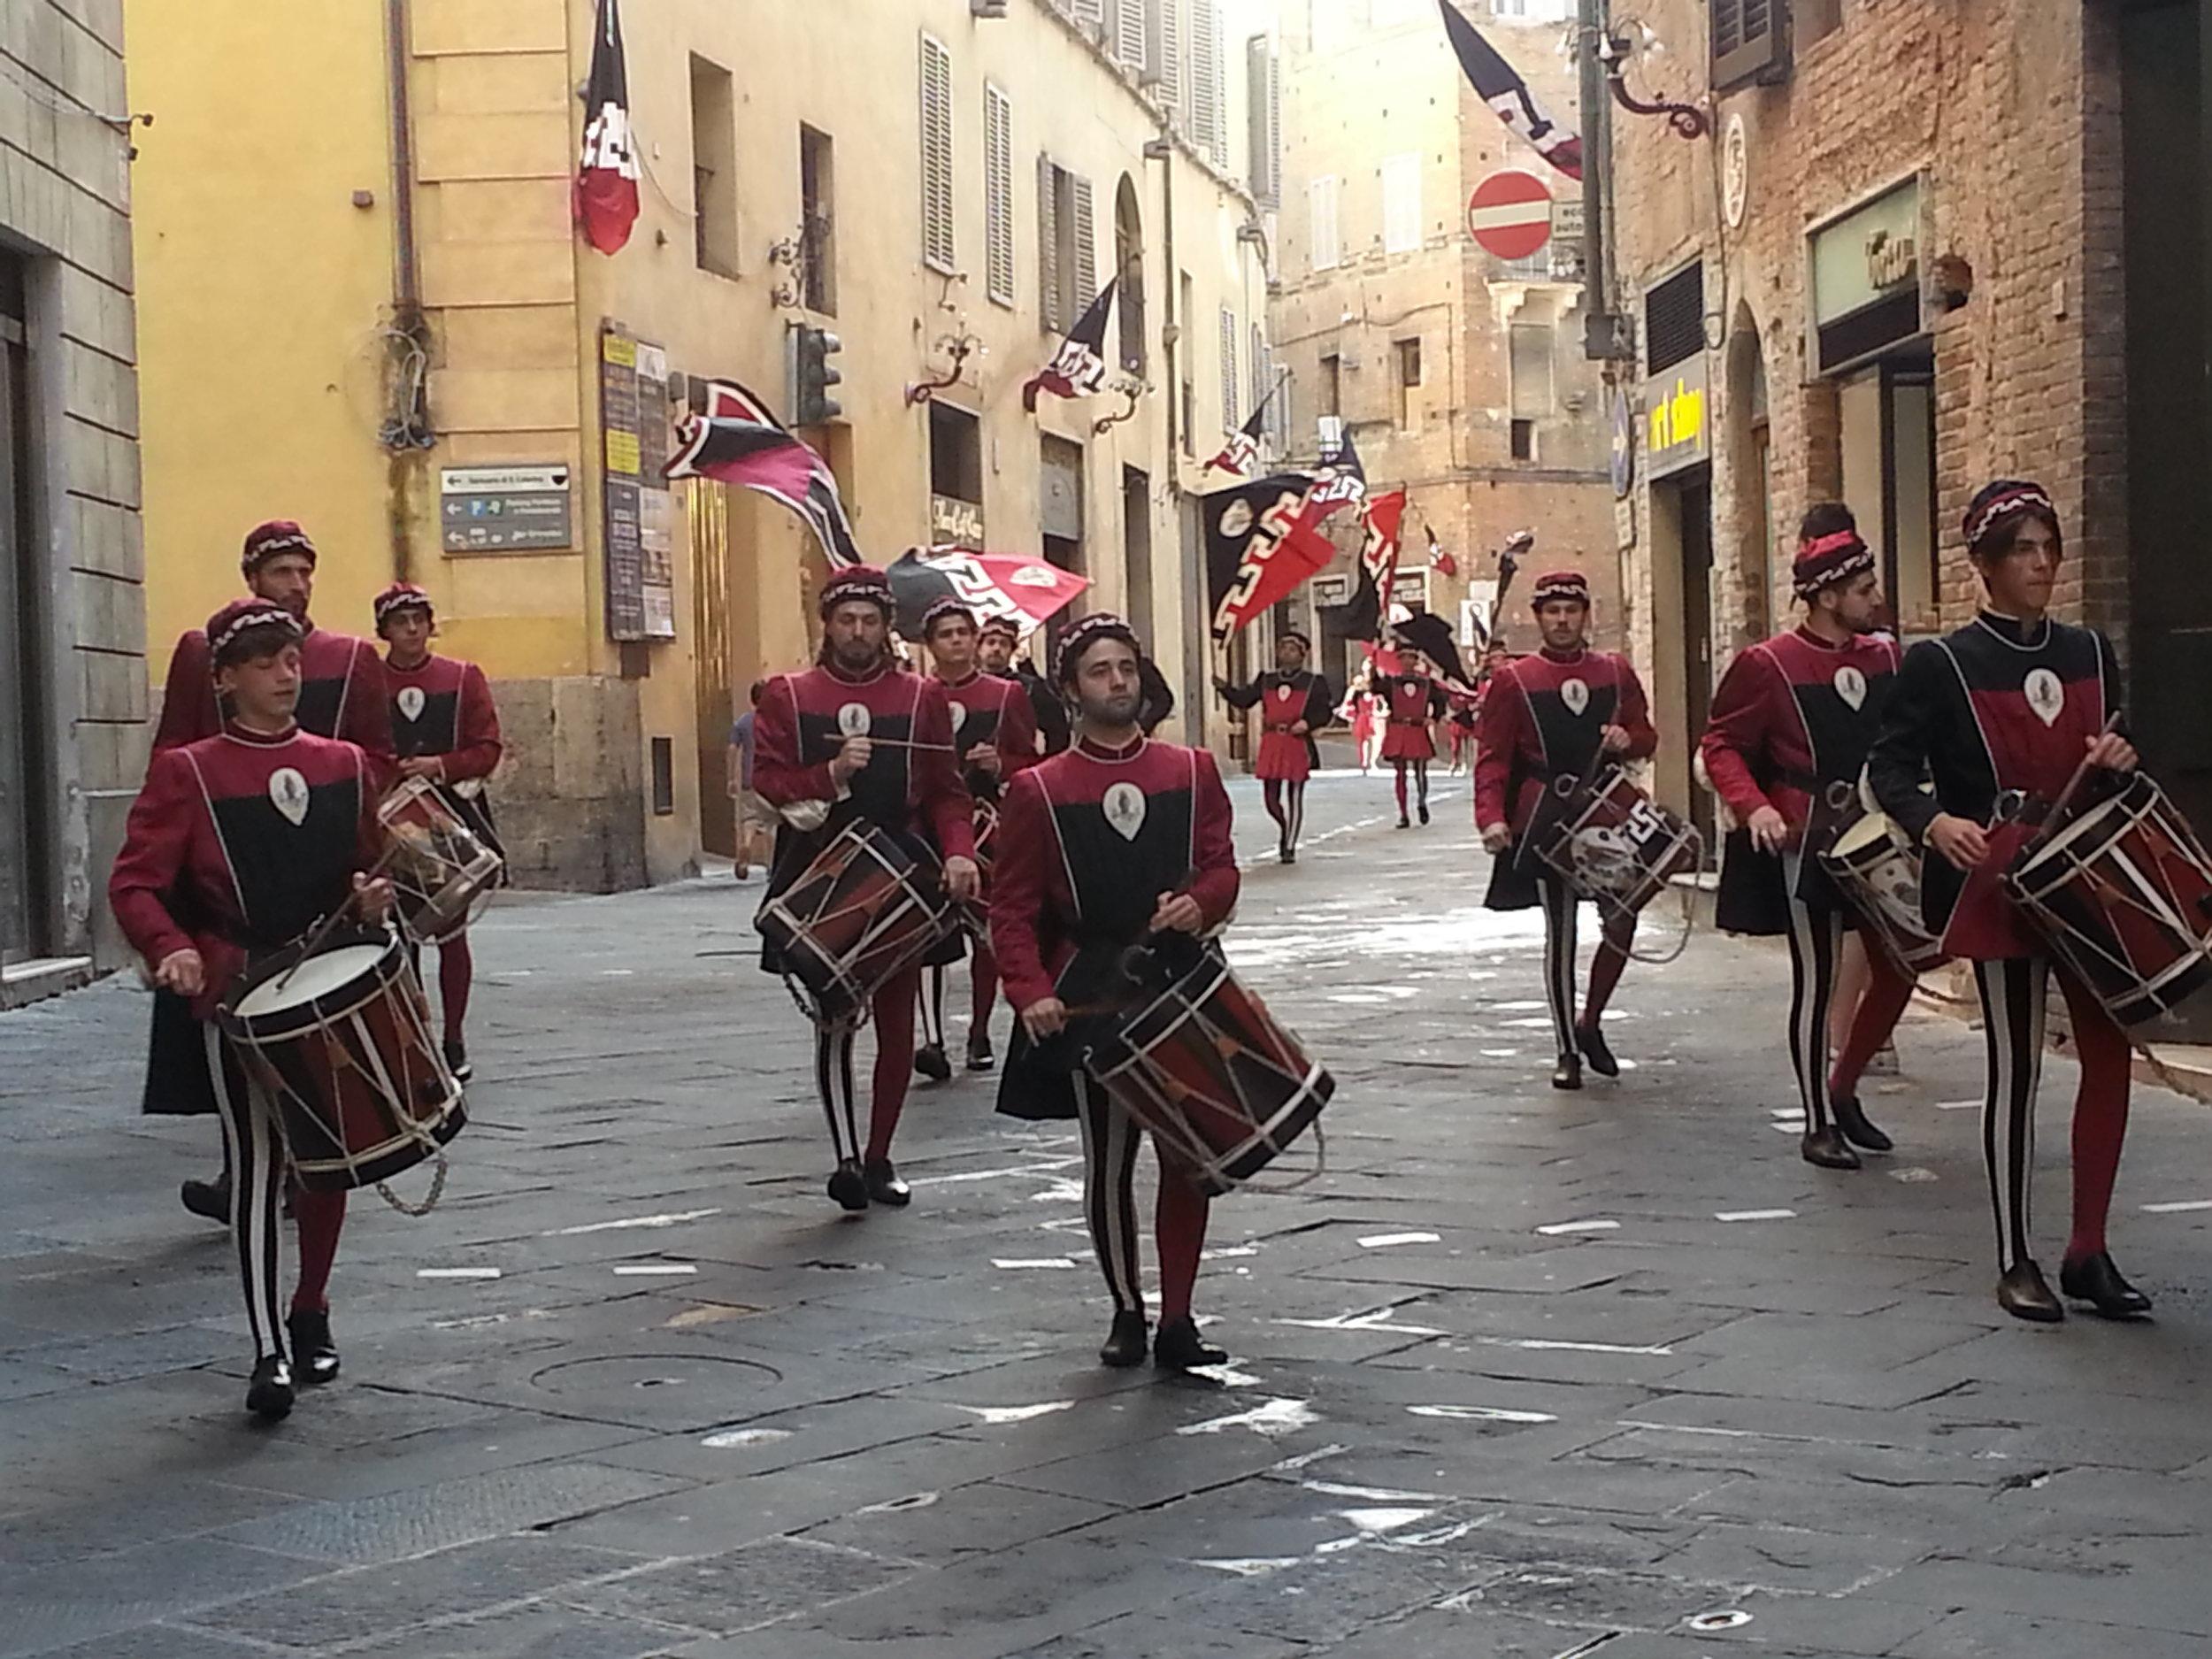 Siena parade drummers.jpg